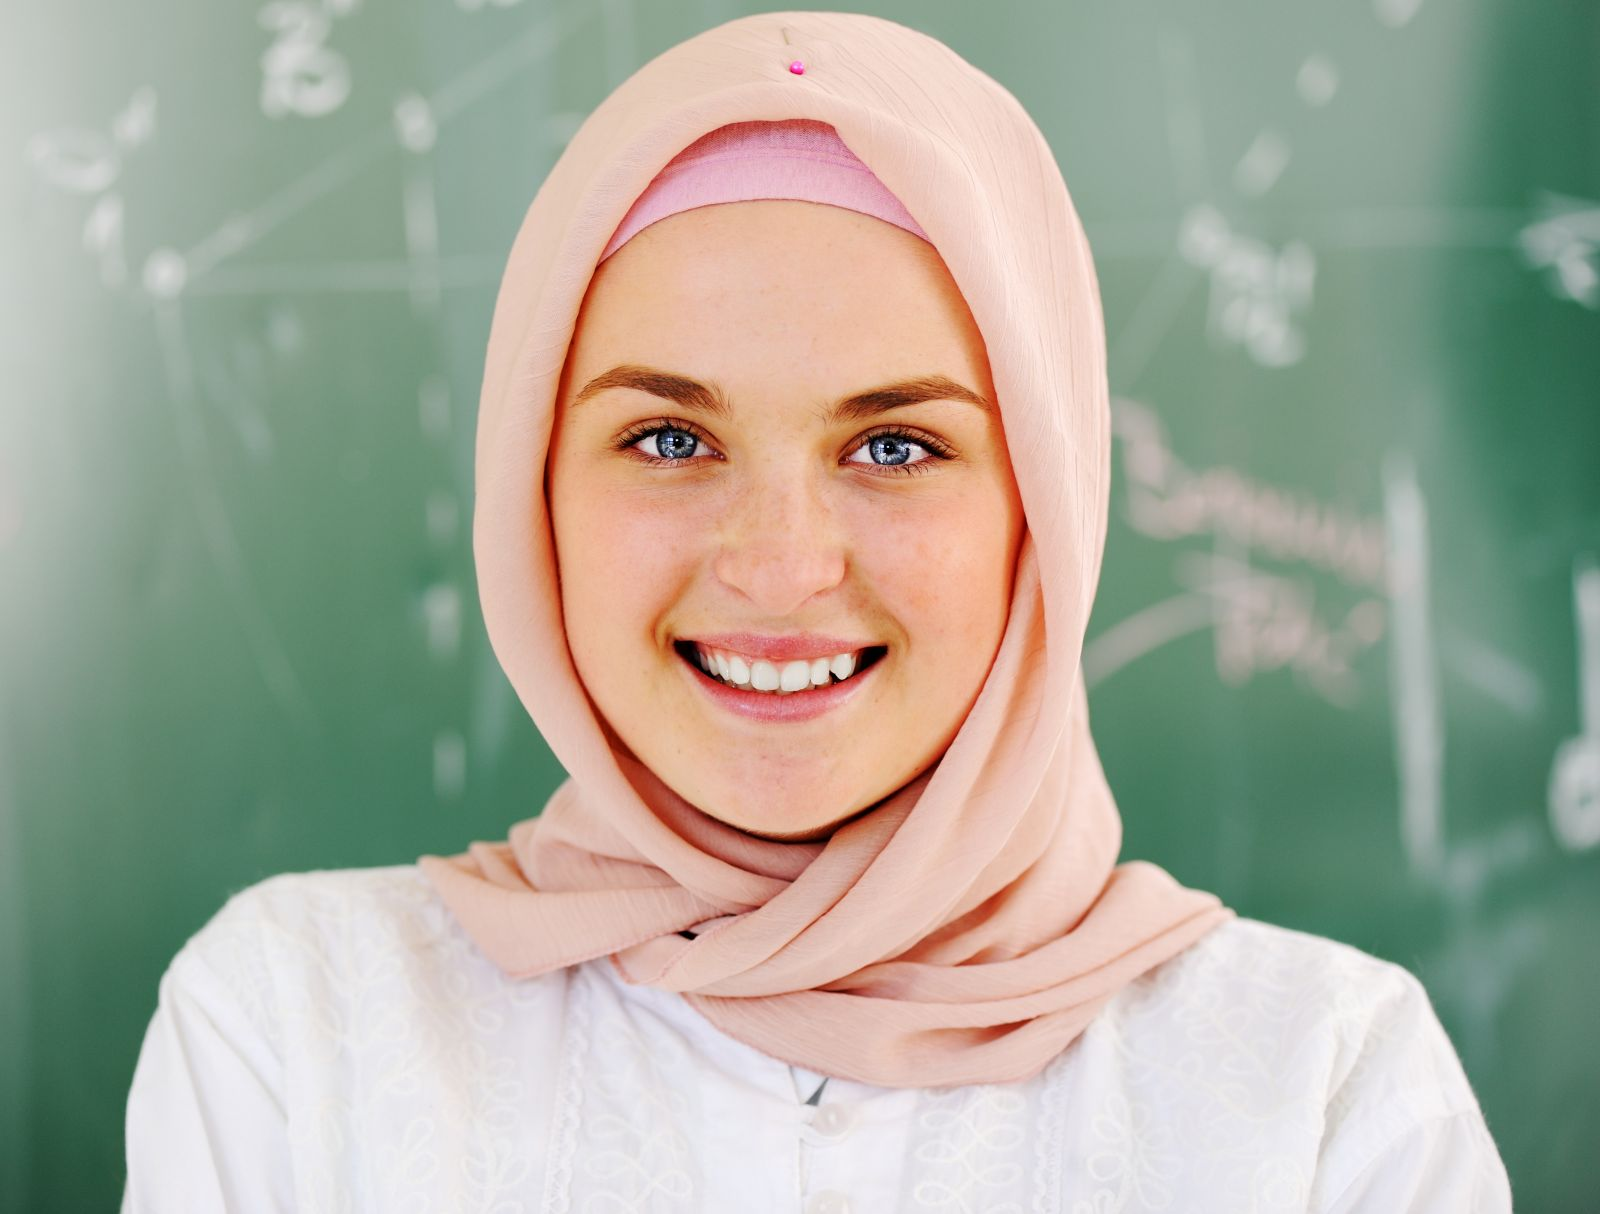 بالصور صور محجبات , اروع صور لفتايات جميلات بالحجاب 2857